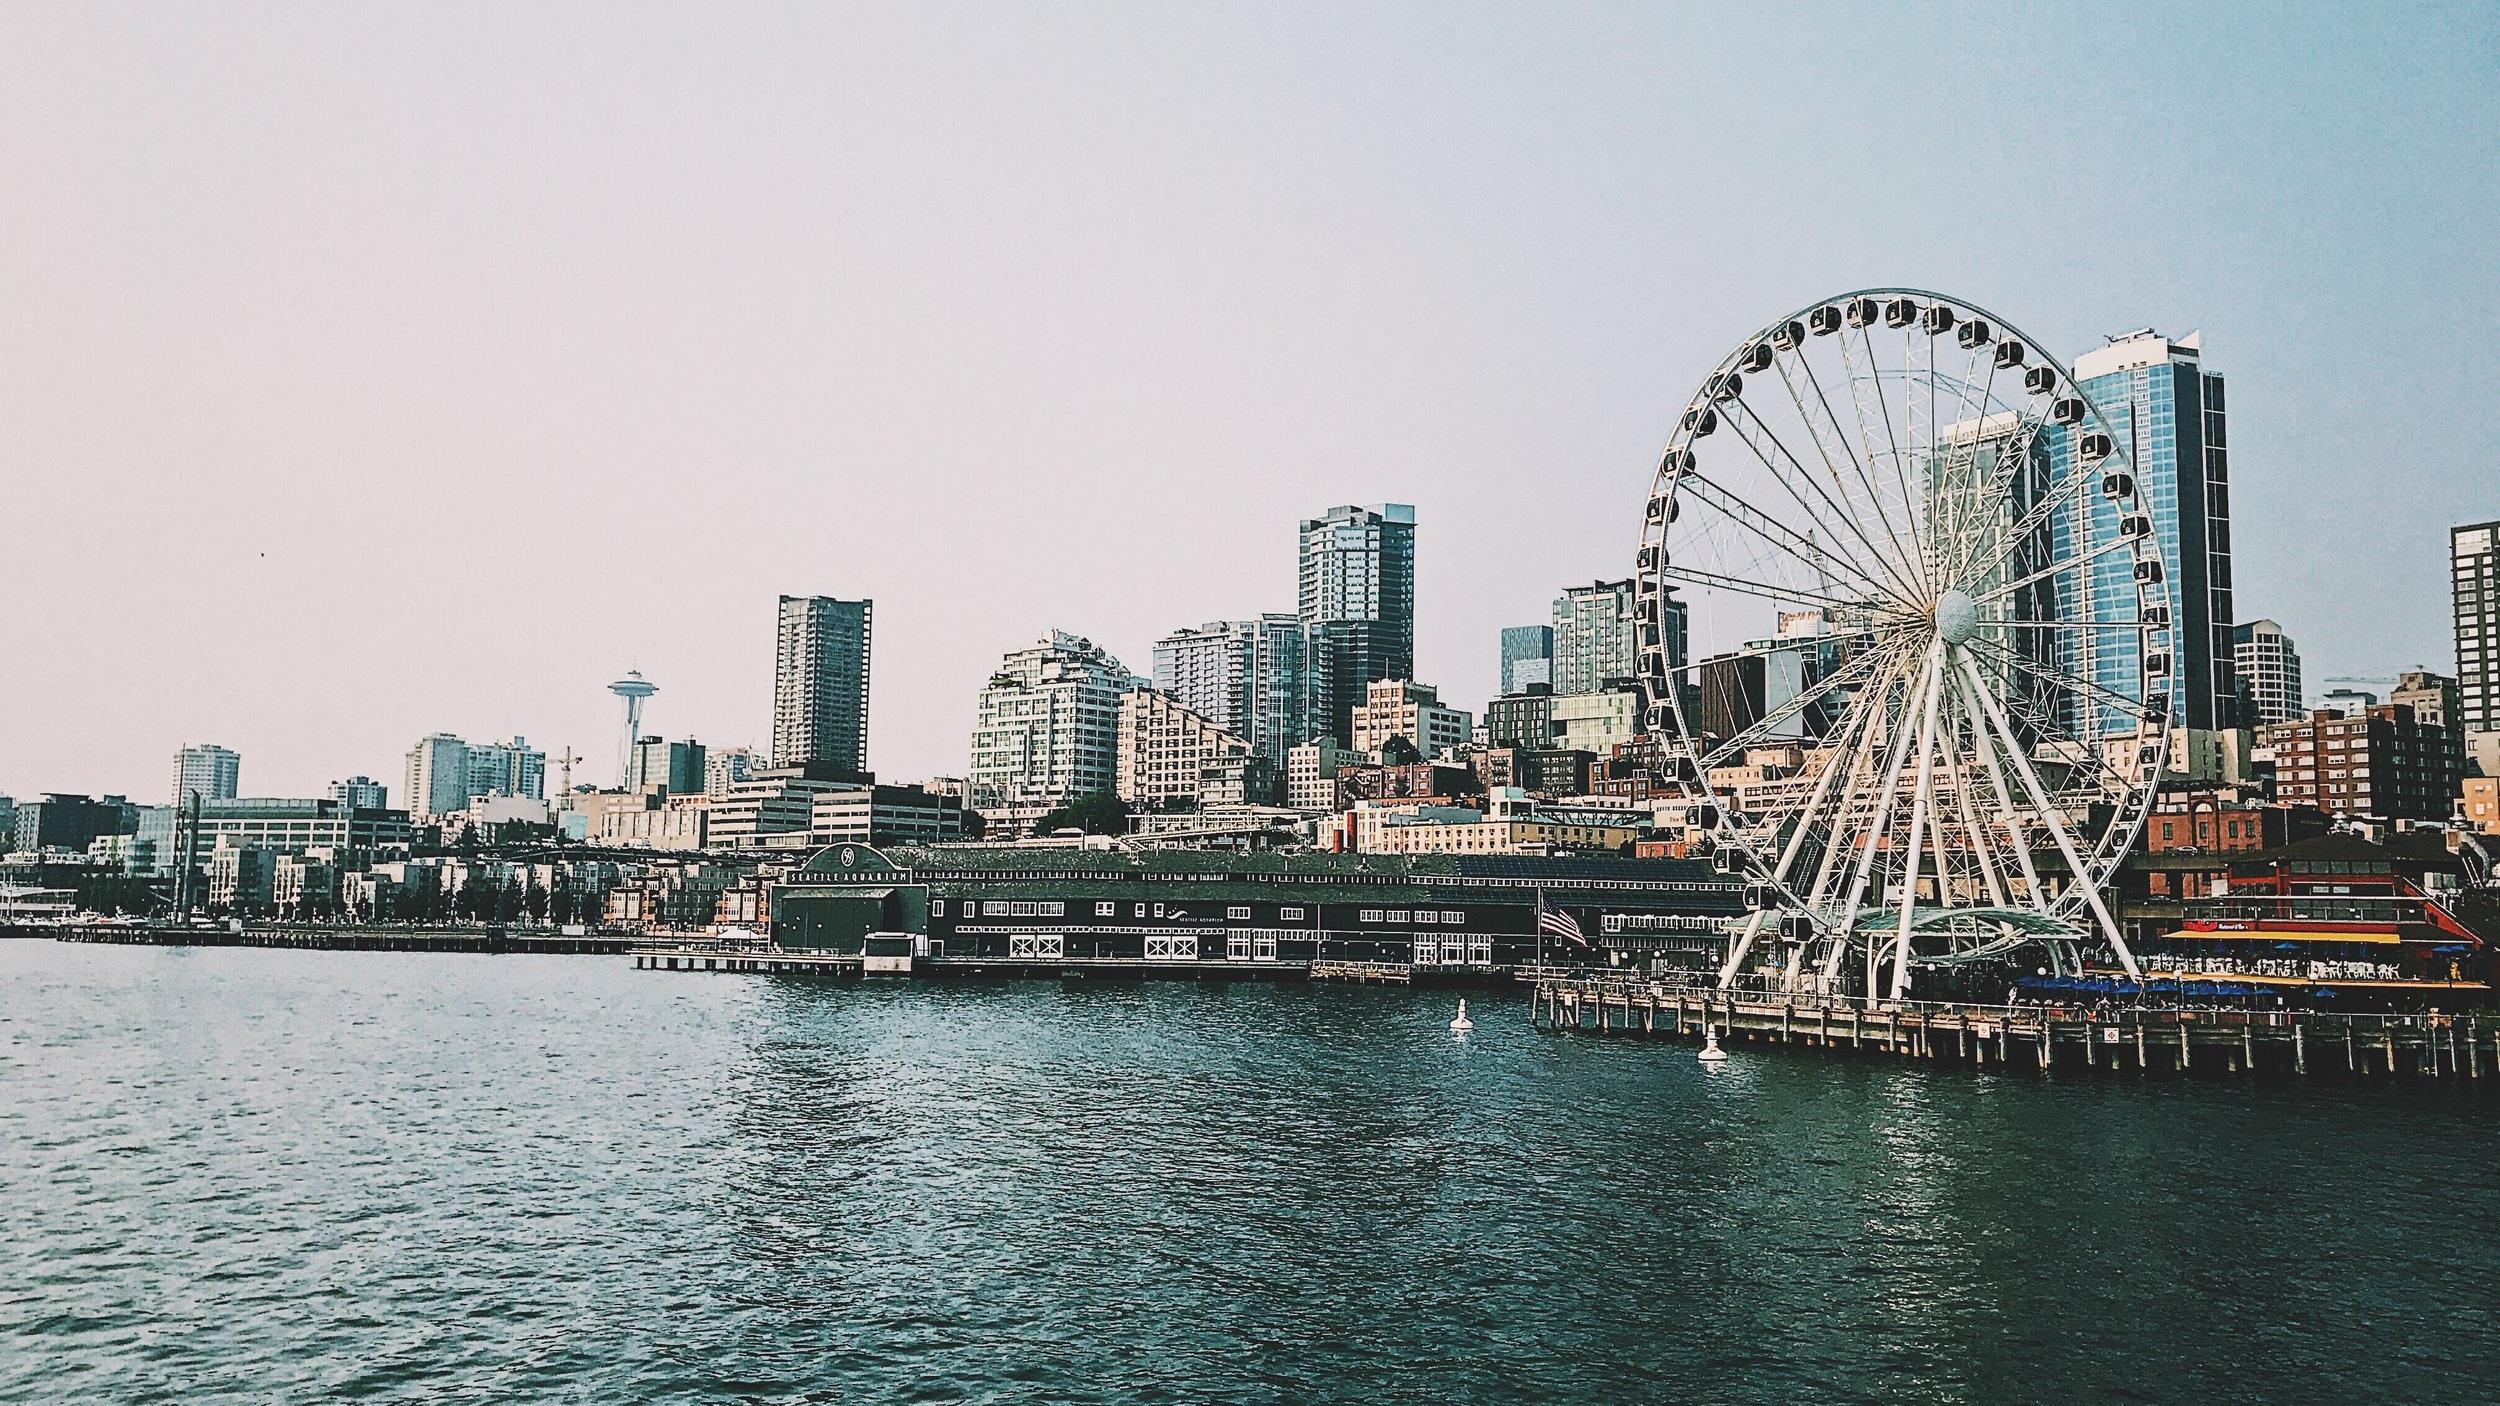 Sunset Seattle Tour - Tro dina ögon när du ser solen gå ned över staden. Under två timmar får du uppleva det bästa Seattle har att erbjuda kvällstid med besök på bland annat Alki Beach, The Kerry Park Overllok och The Seattle Waterfront.